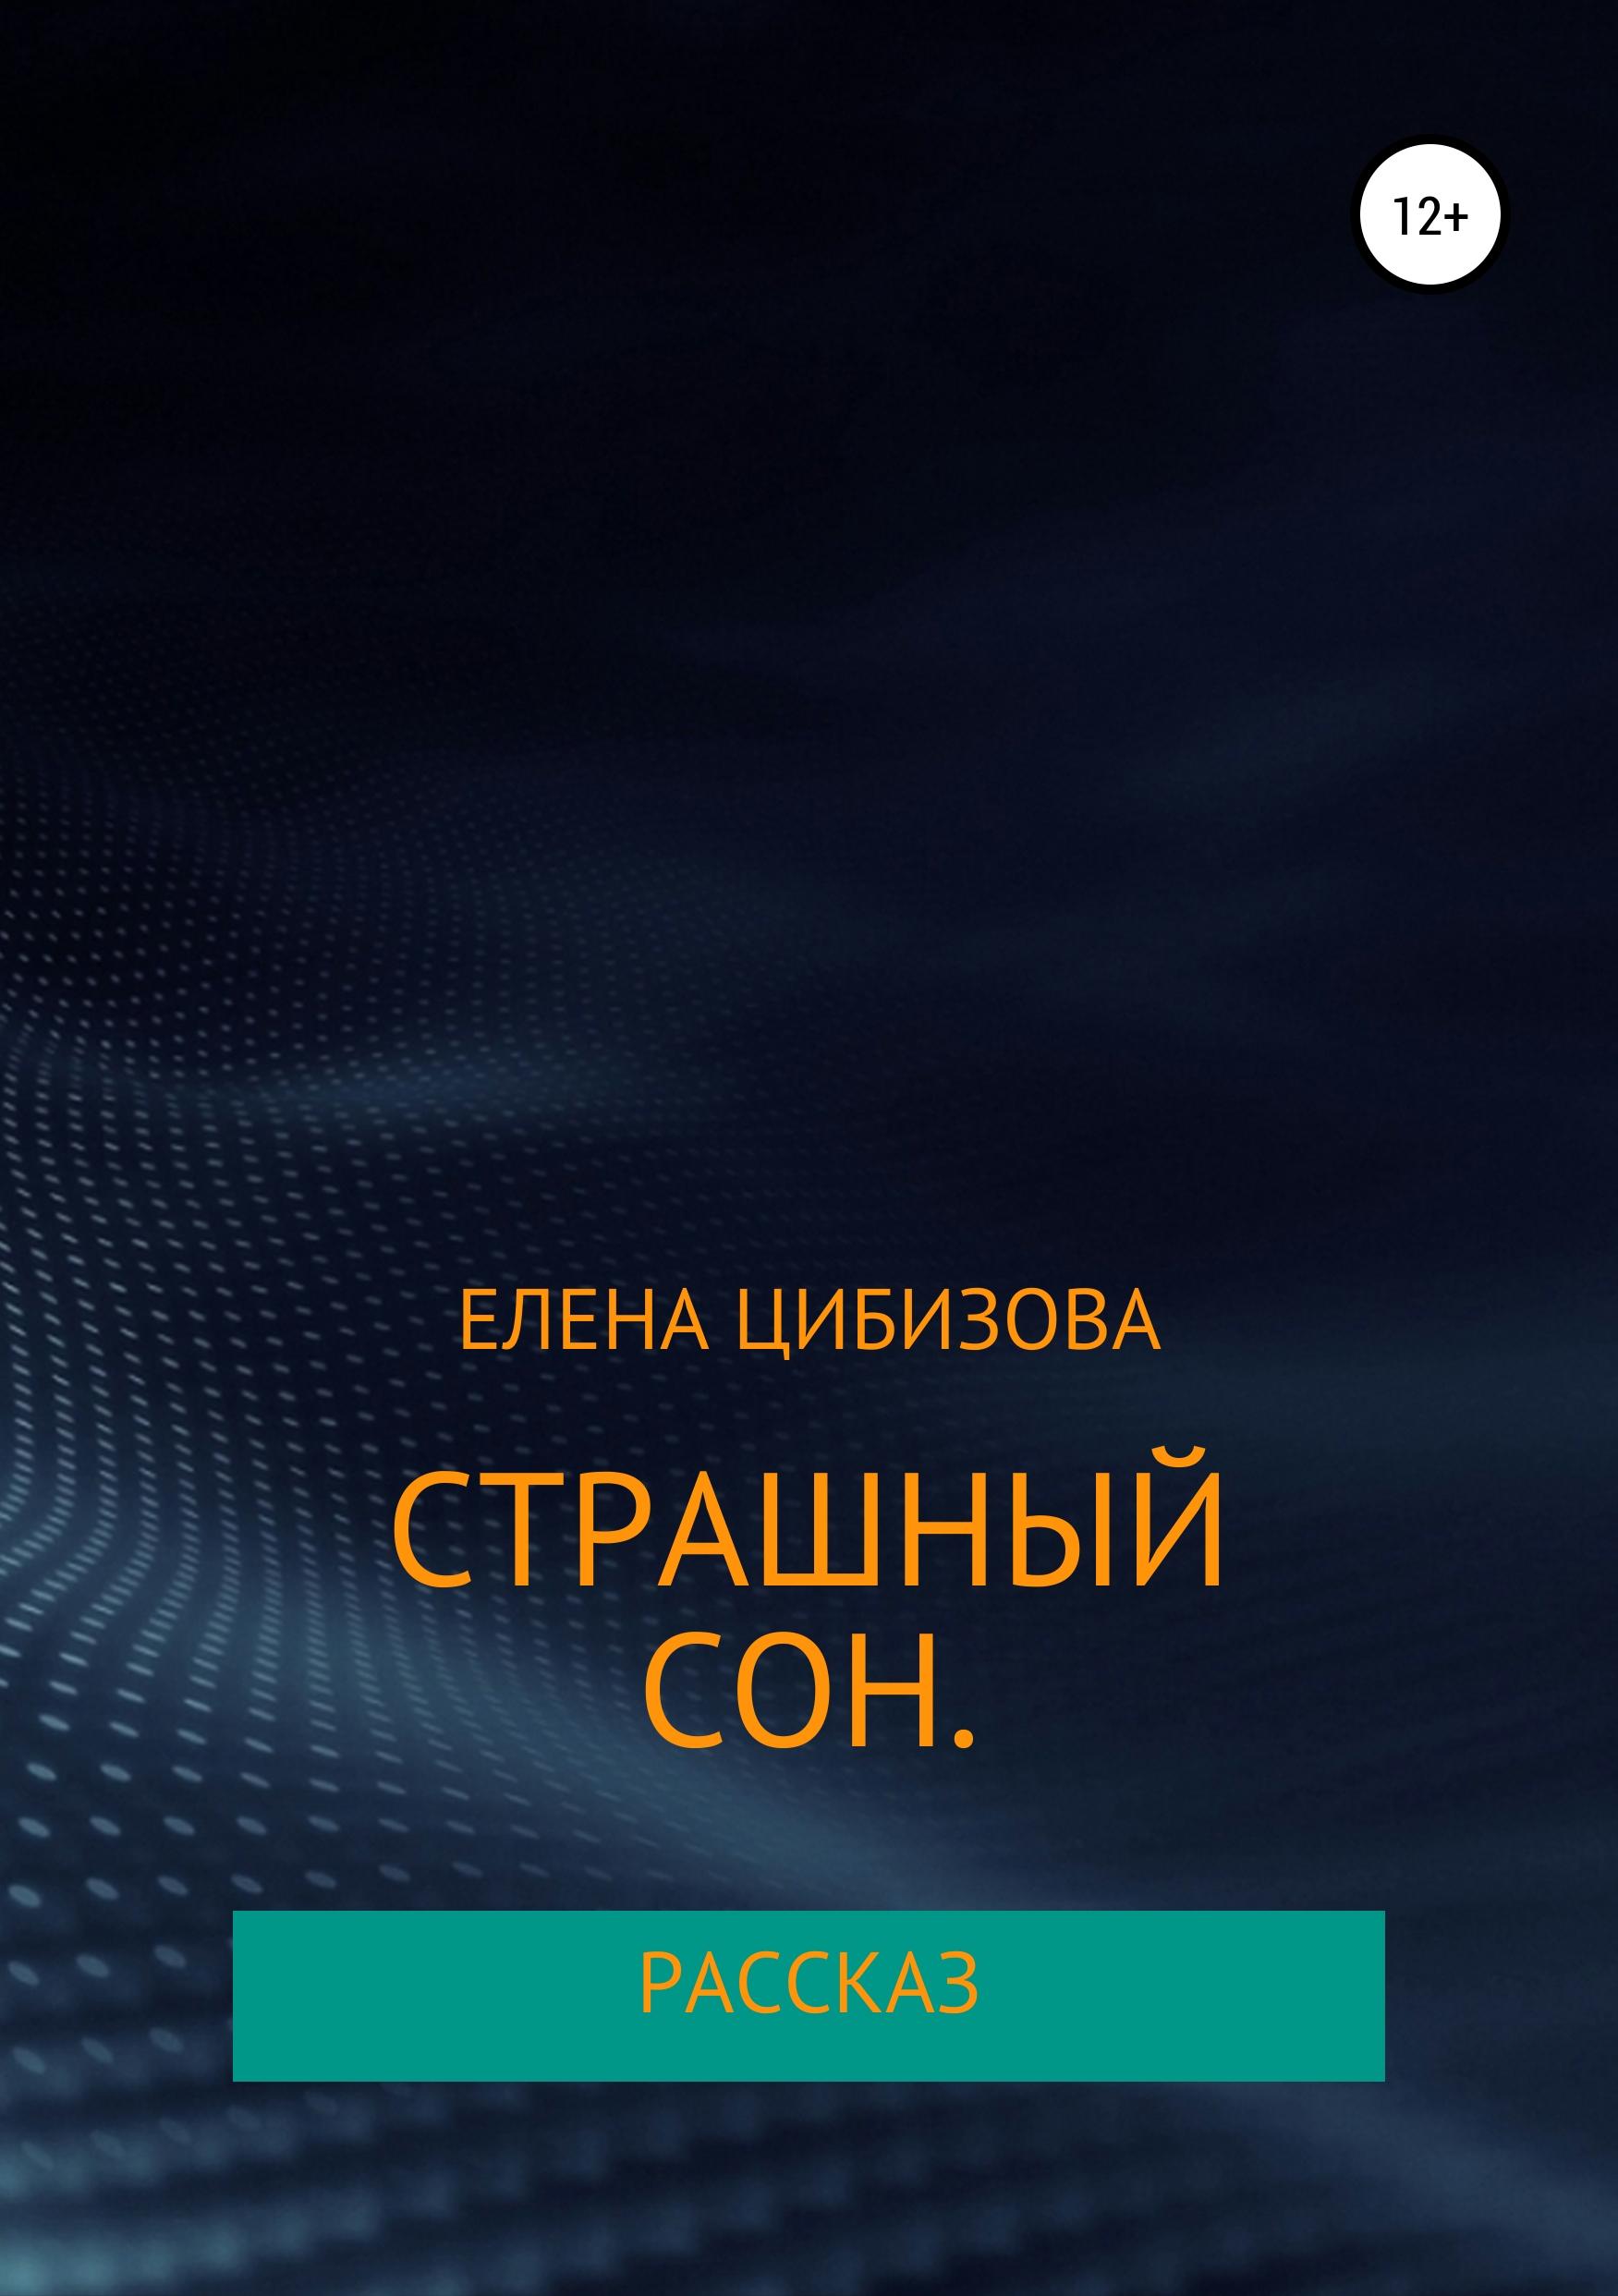 Елена Викторовна Цибизова Страшный сон мне снился сон